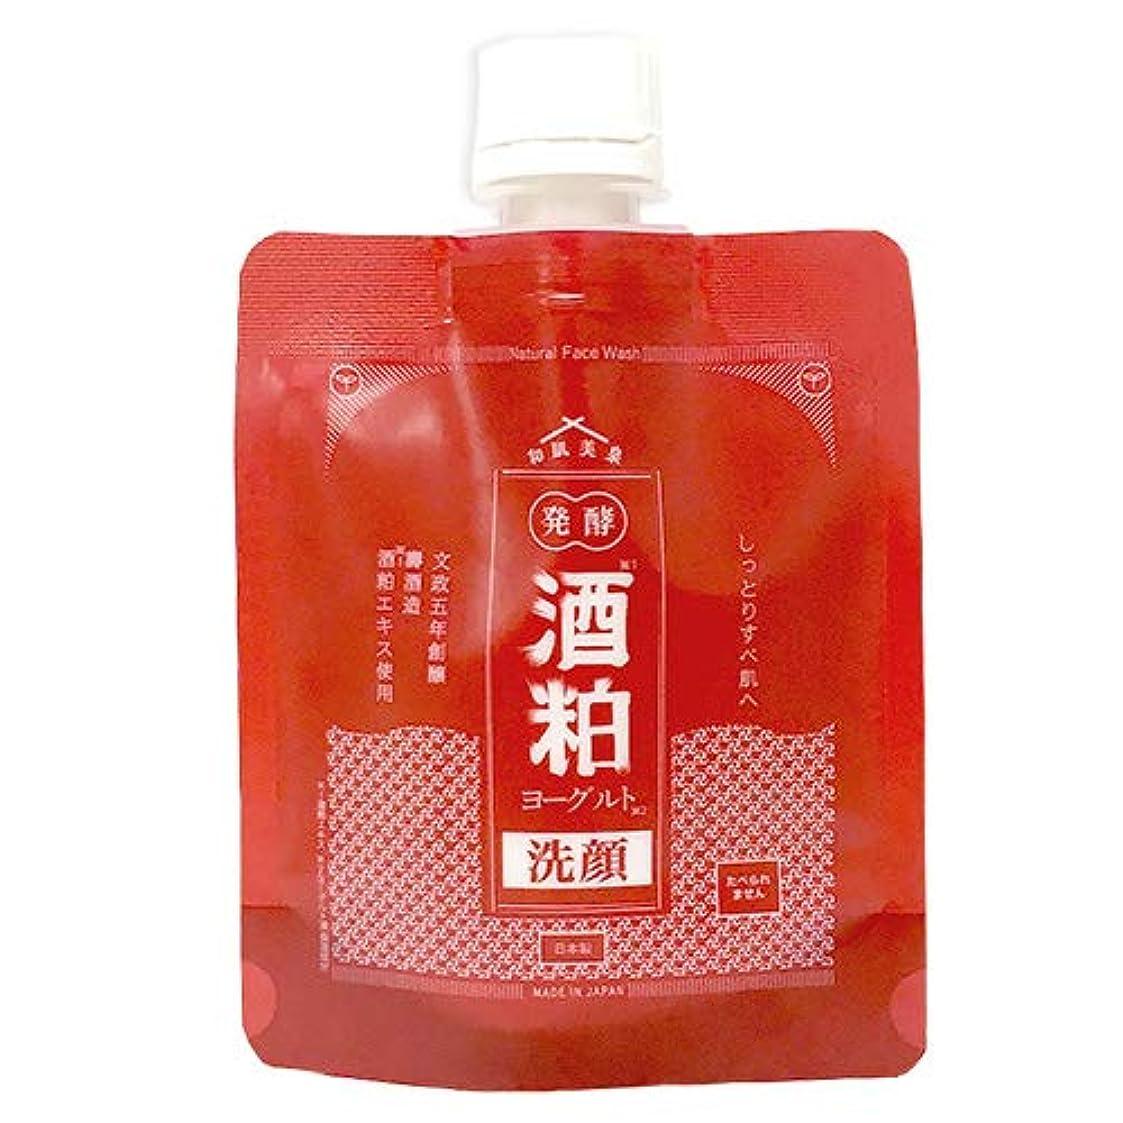 苦悩多様なスープ和肌美泉 発酵•酒粕ヨーグルト洗顔 100g